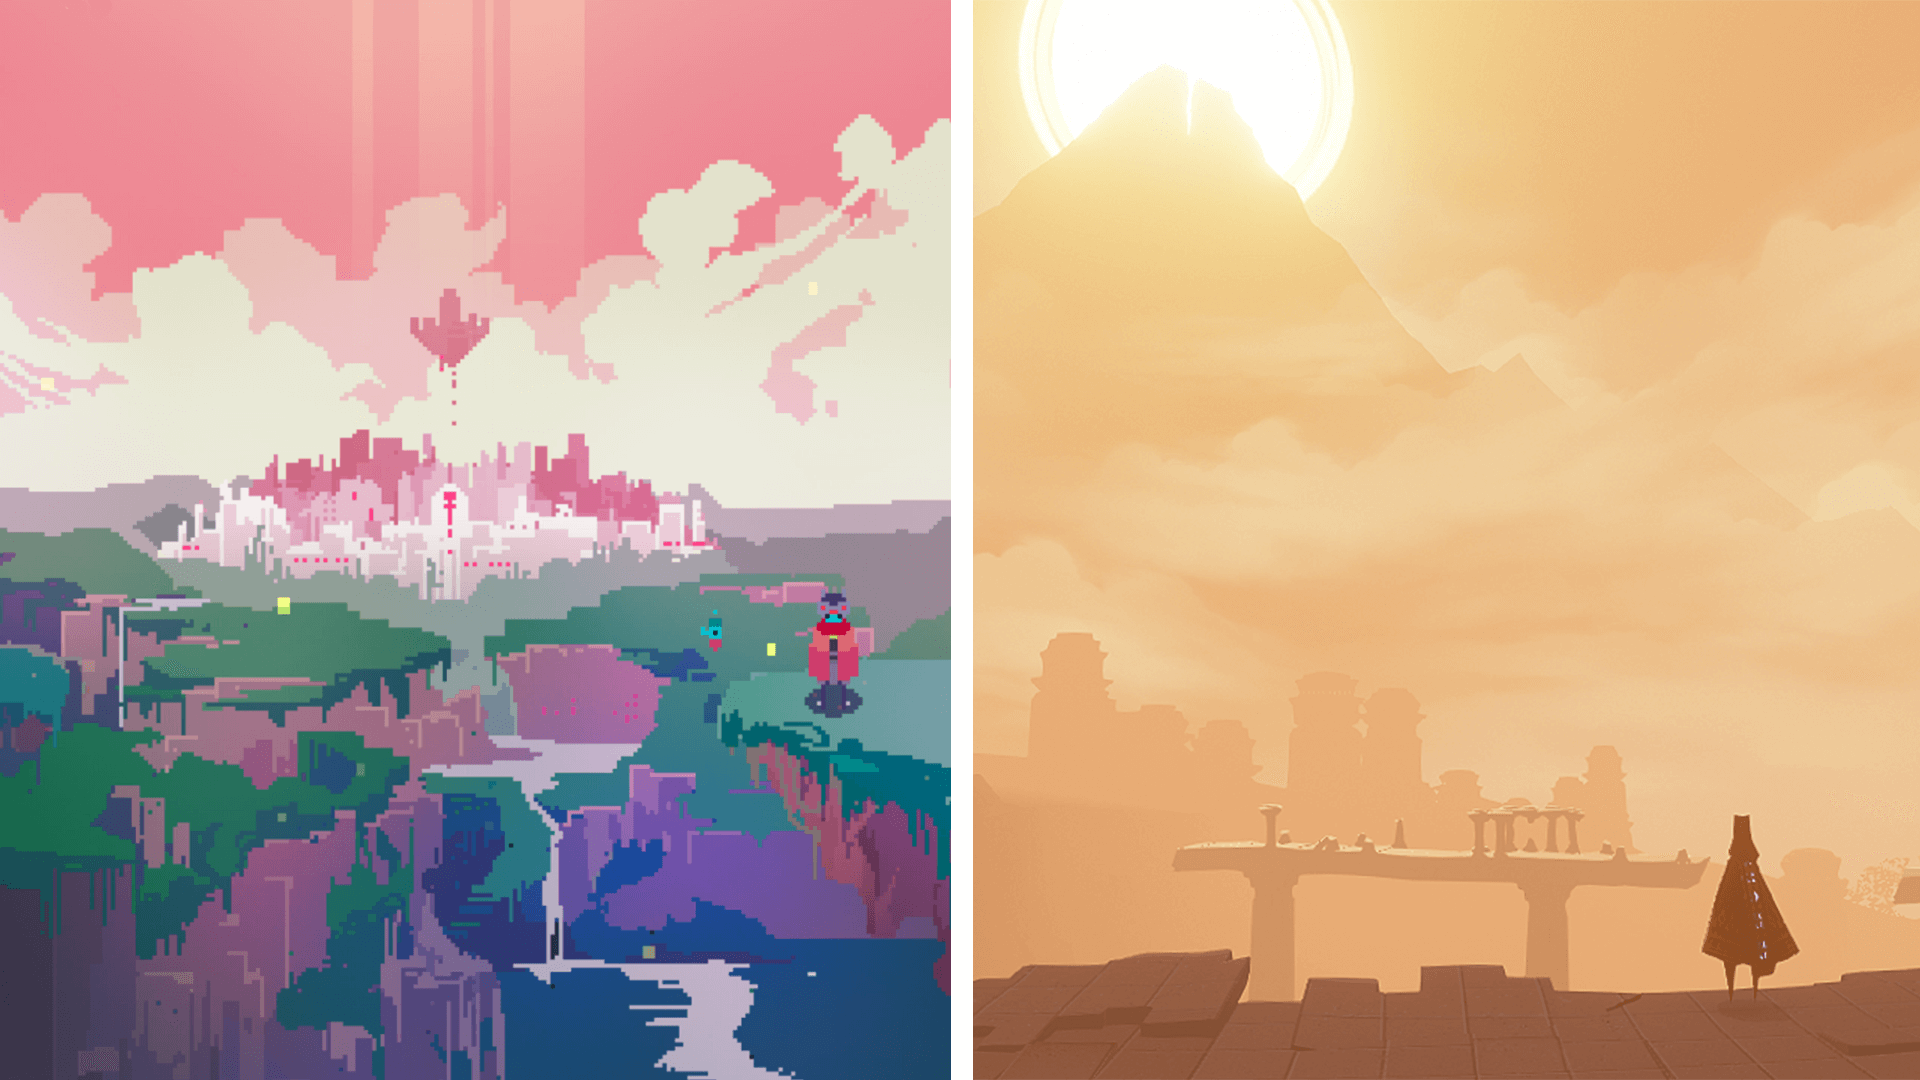 Screenshots from Hyper Light Drifter and Journey video games